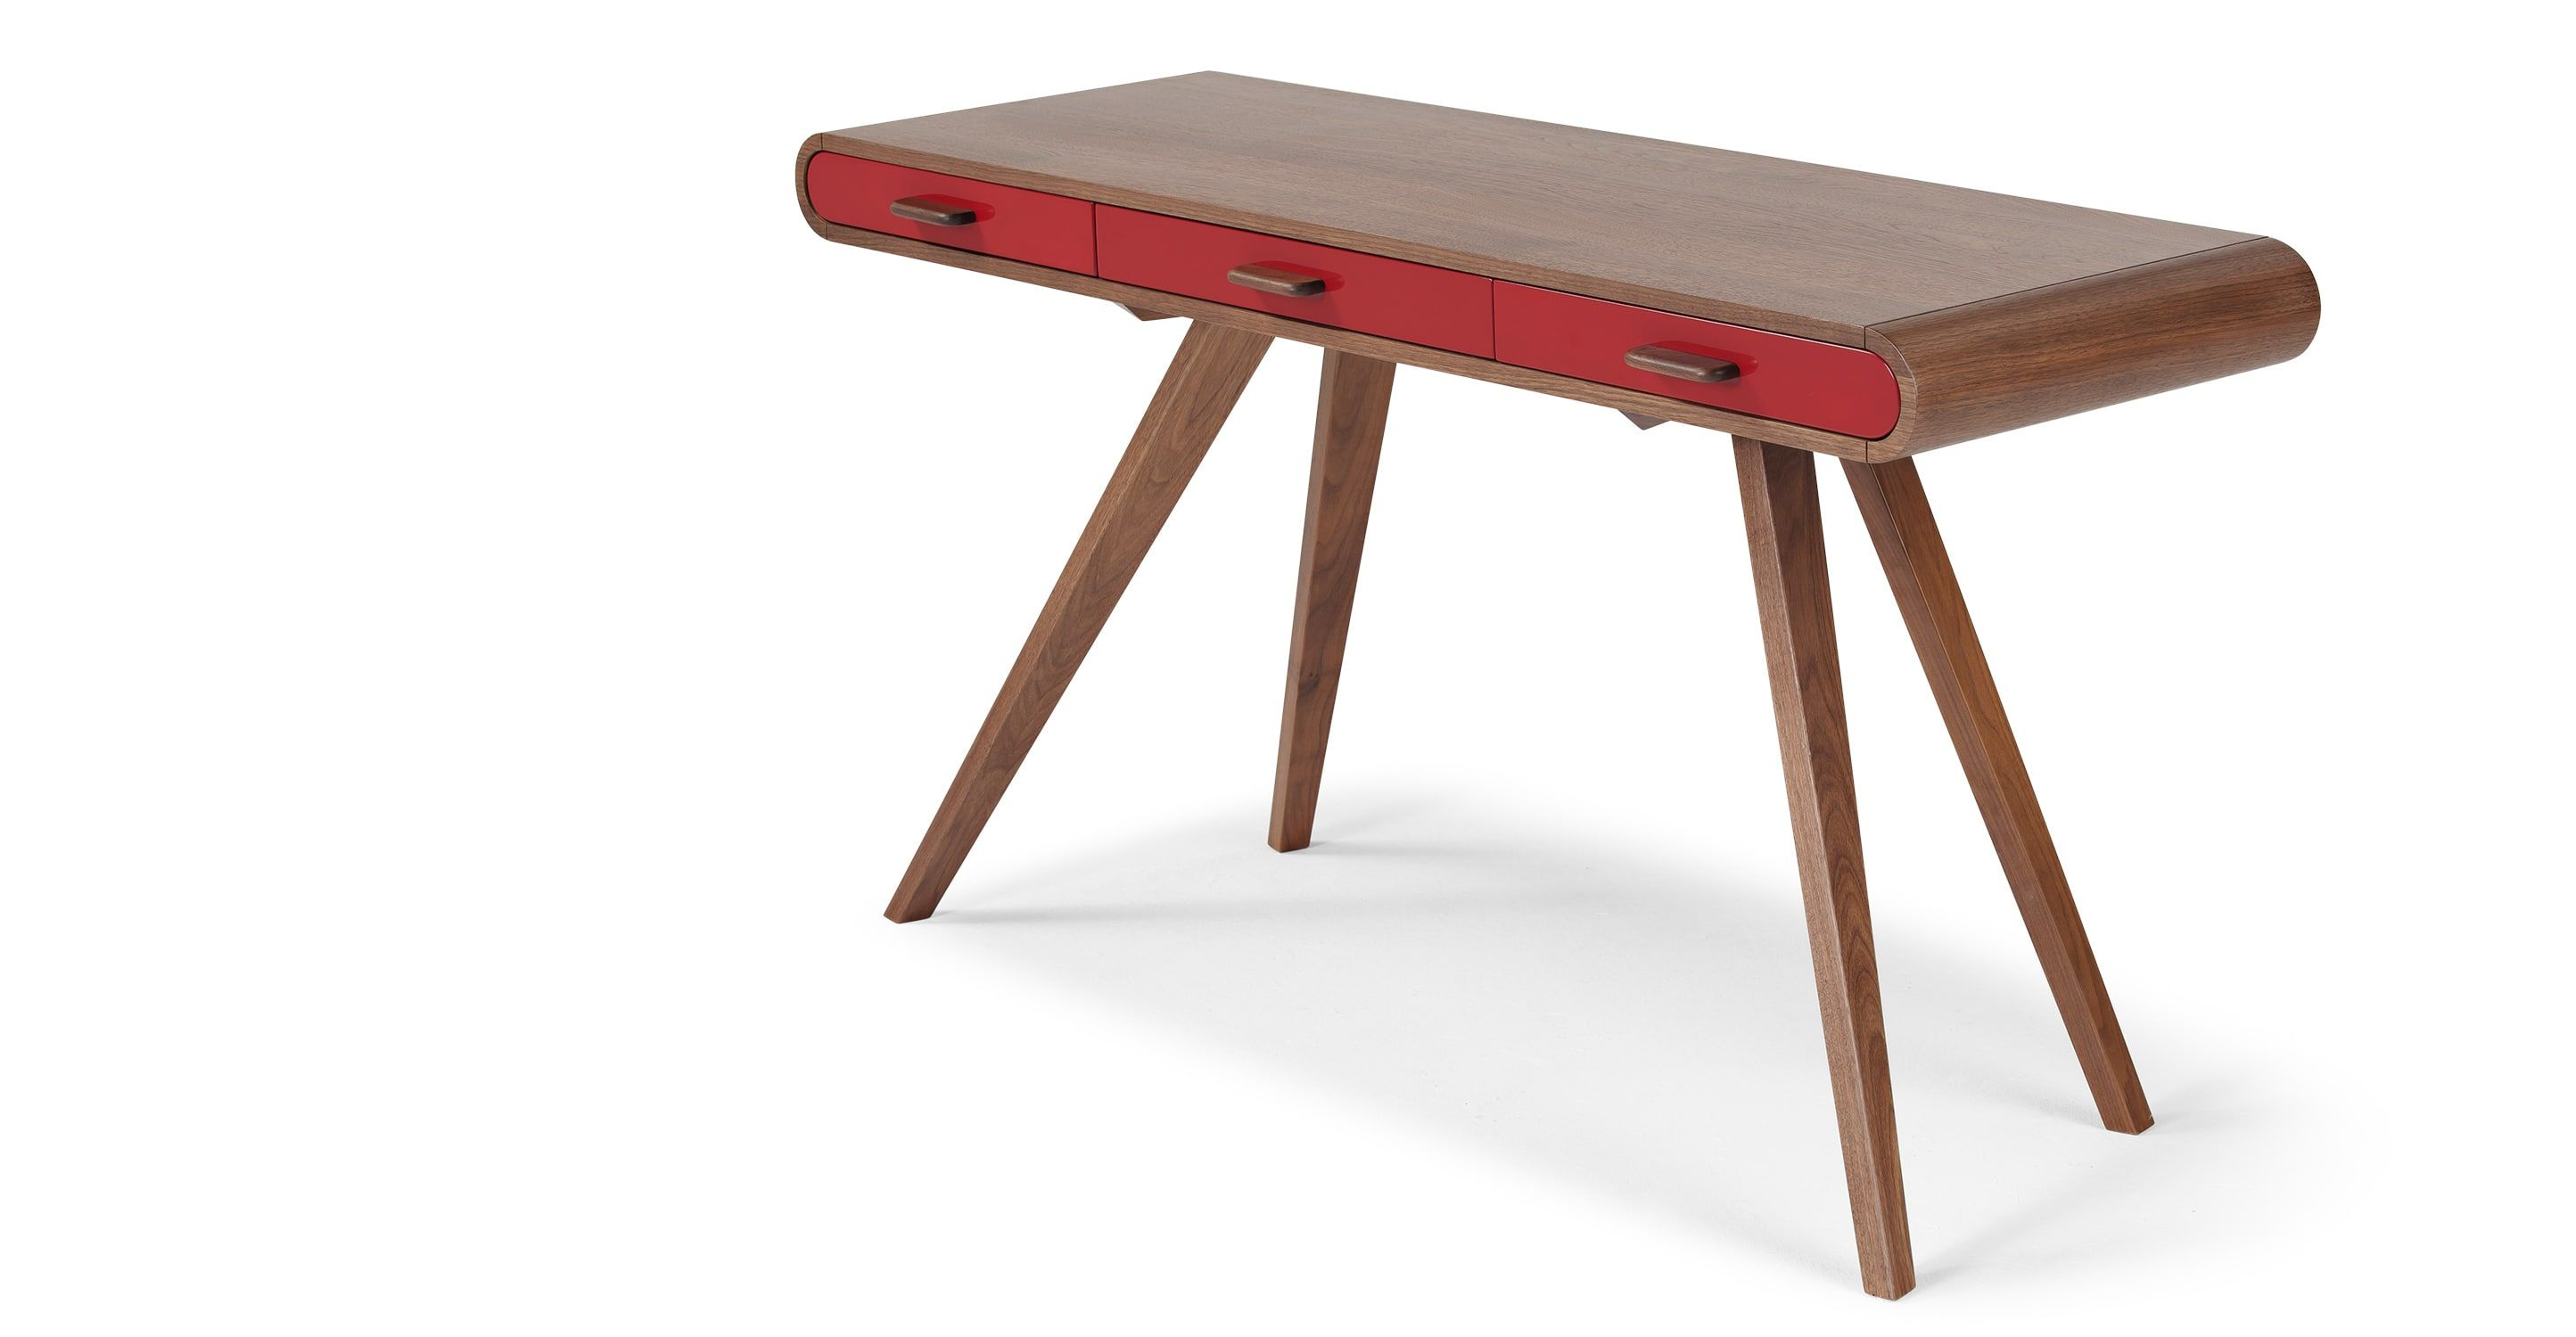 De Fonteyn consoletafel in walnoot en rood is een stijlvolle aanvulling op elke design woonkamer.